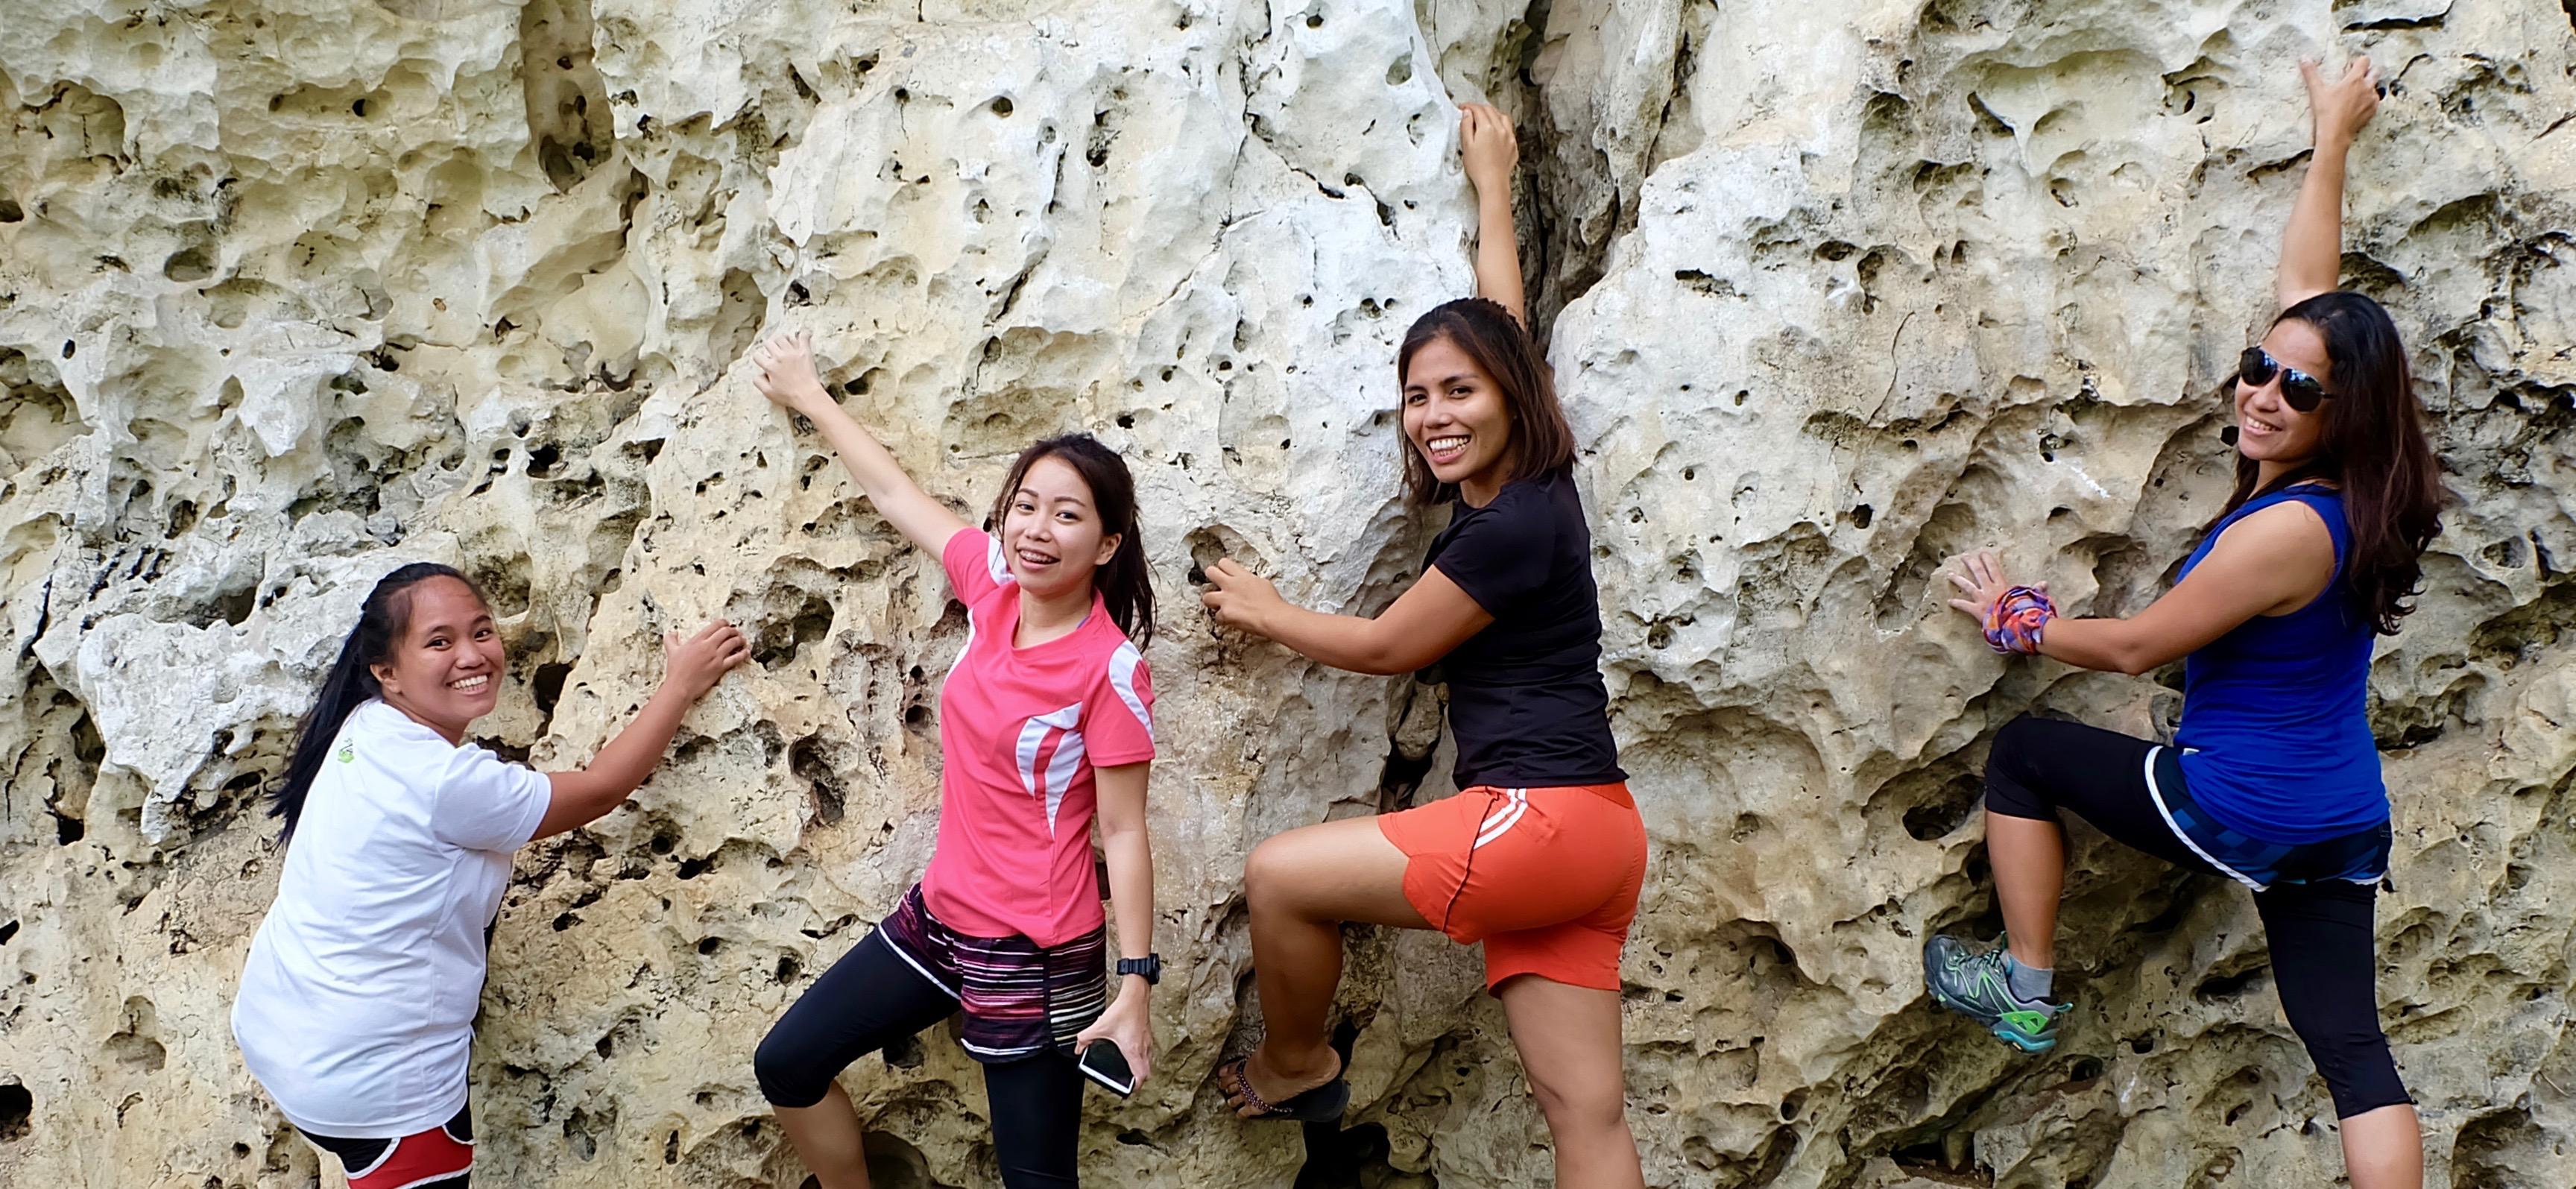 Rock climbing newbies